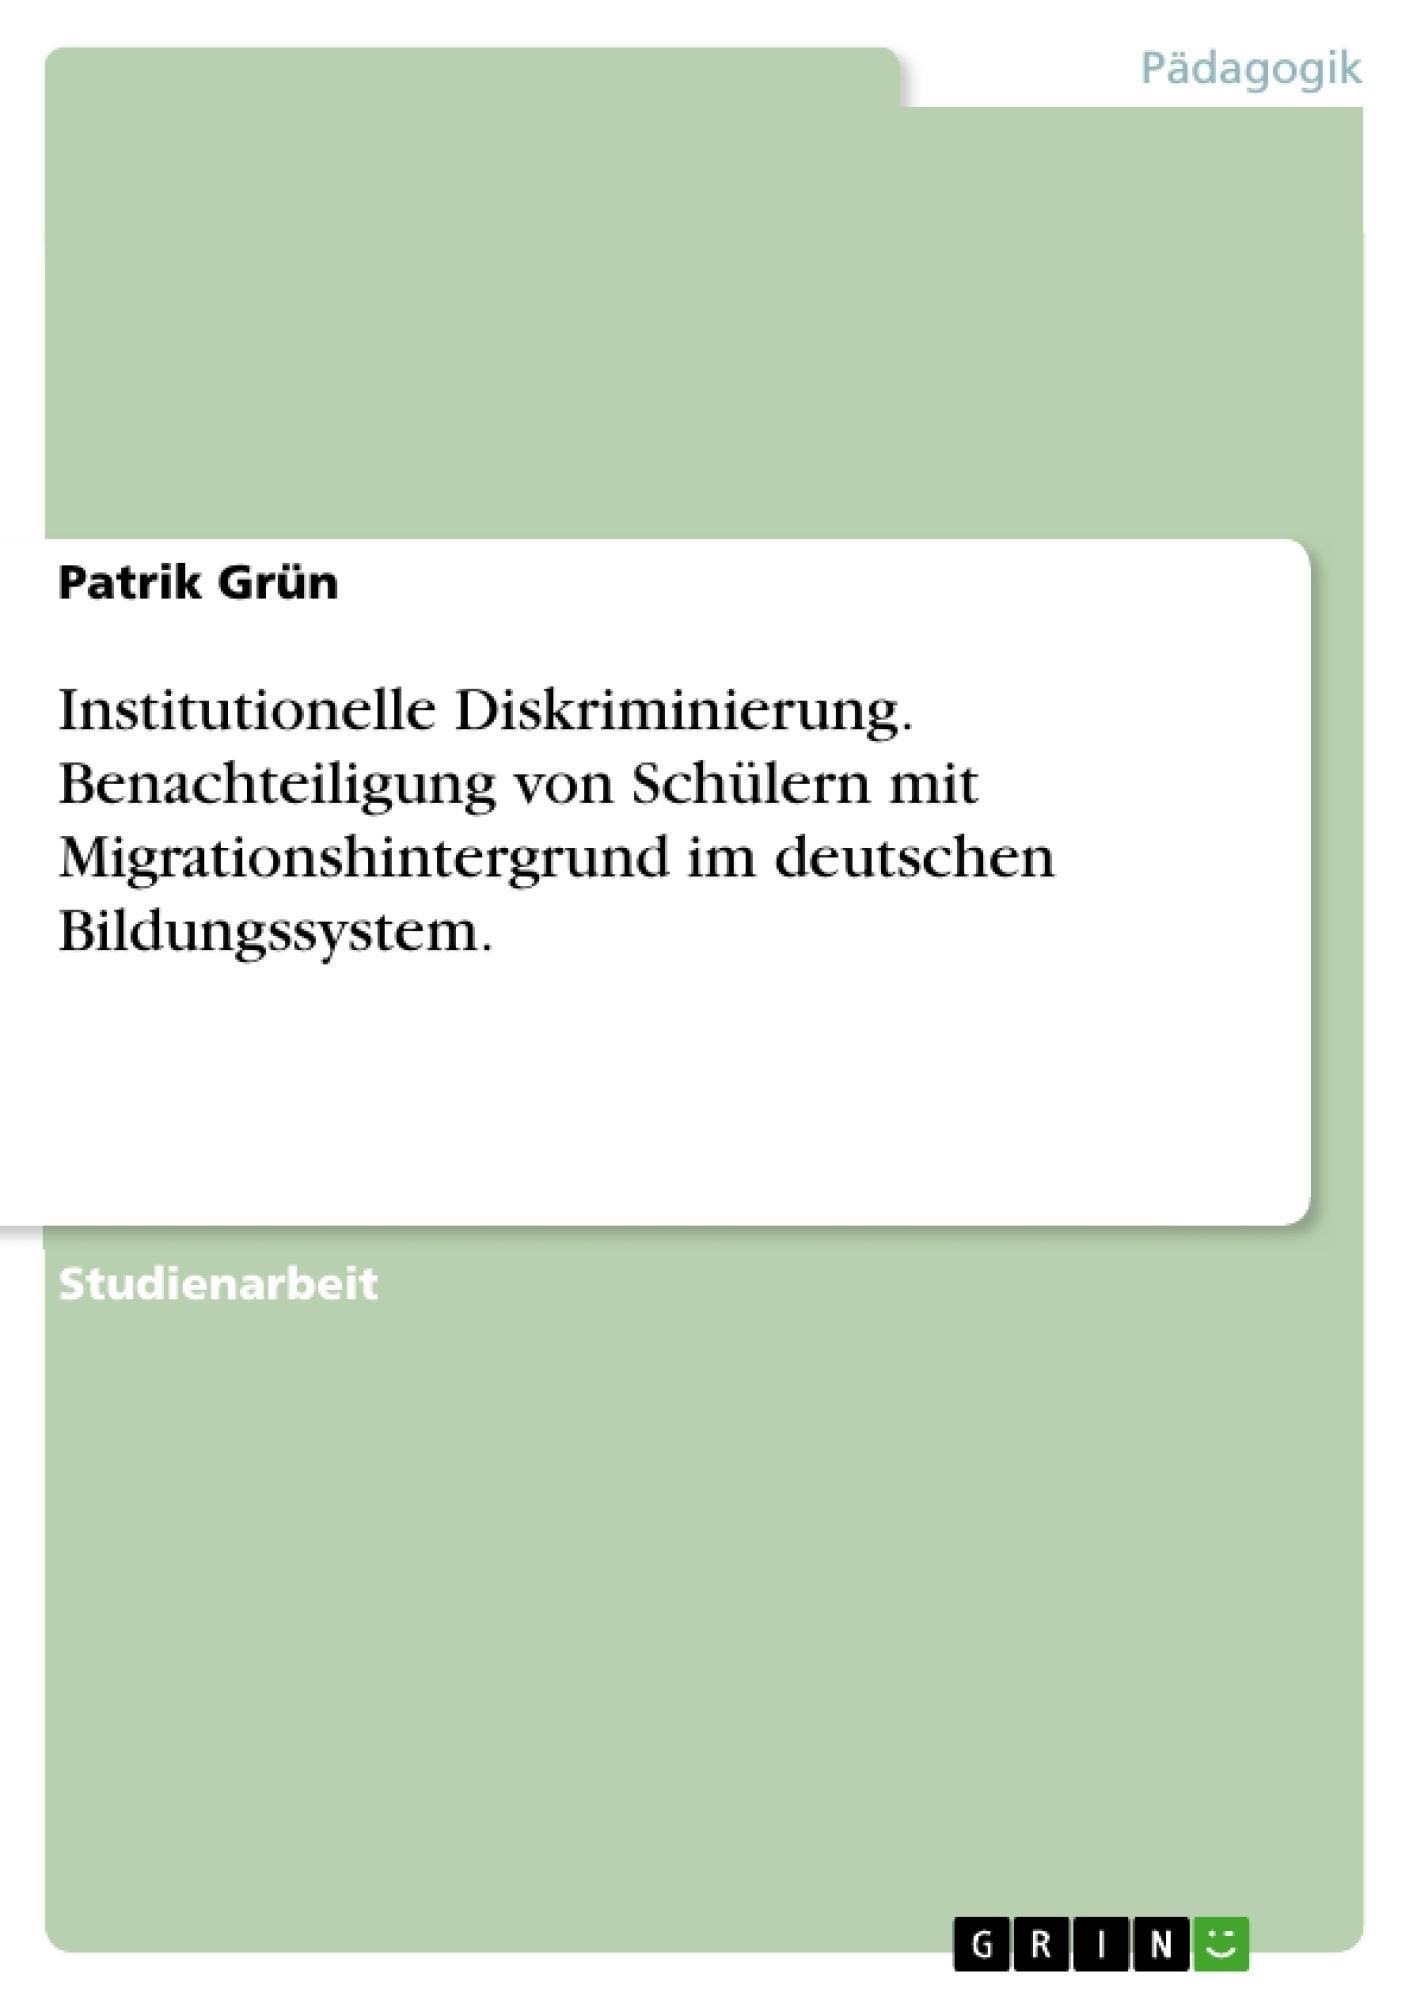 Titel: Institutionelle Diskriminierung. Benachteiligung von Schülern mit Migrationshintergrund im deutschen Bildungssystem.